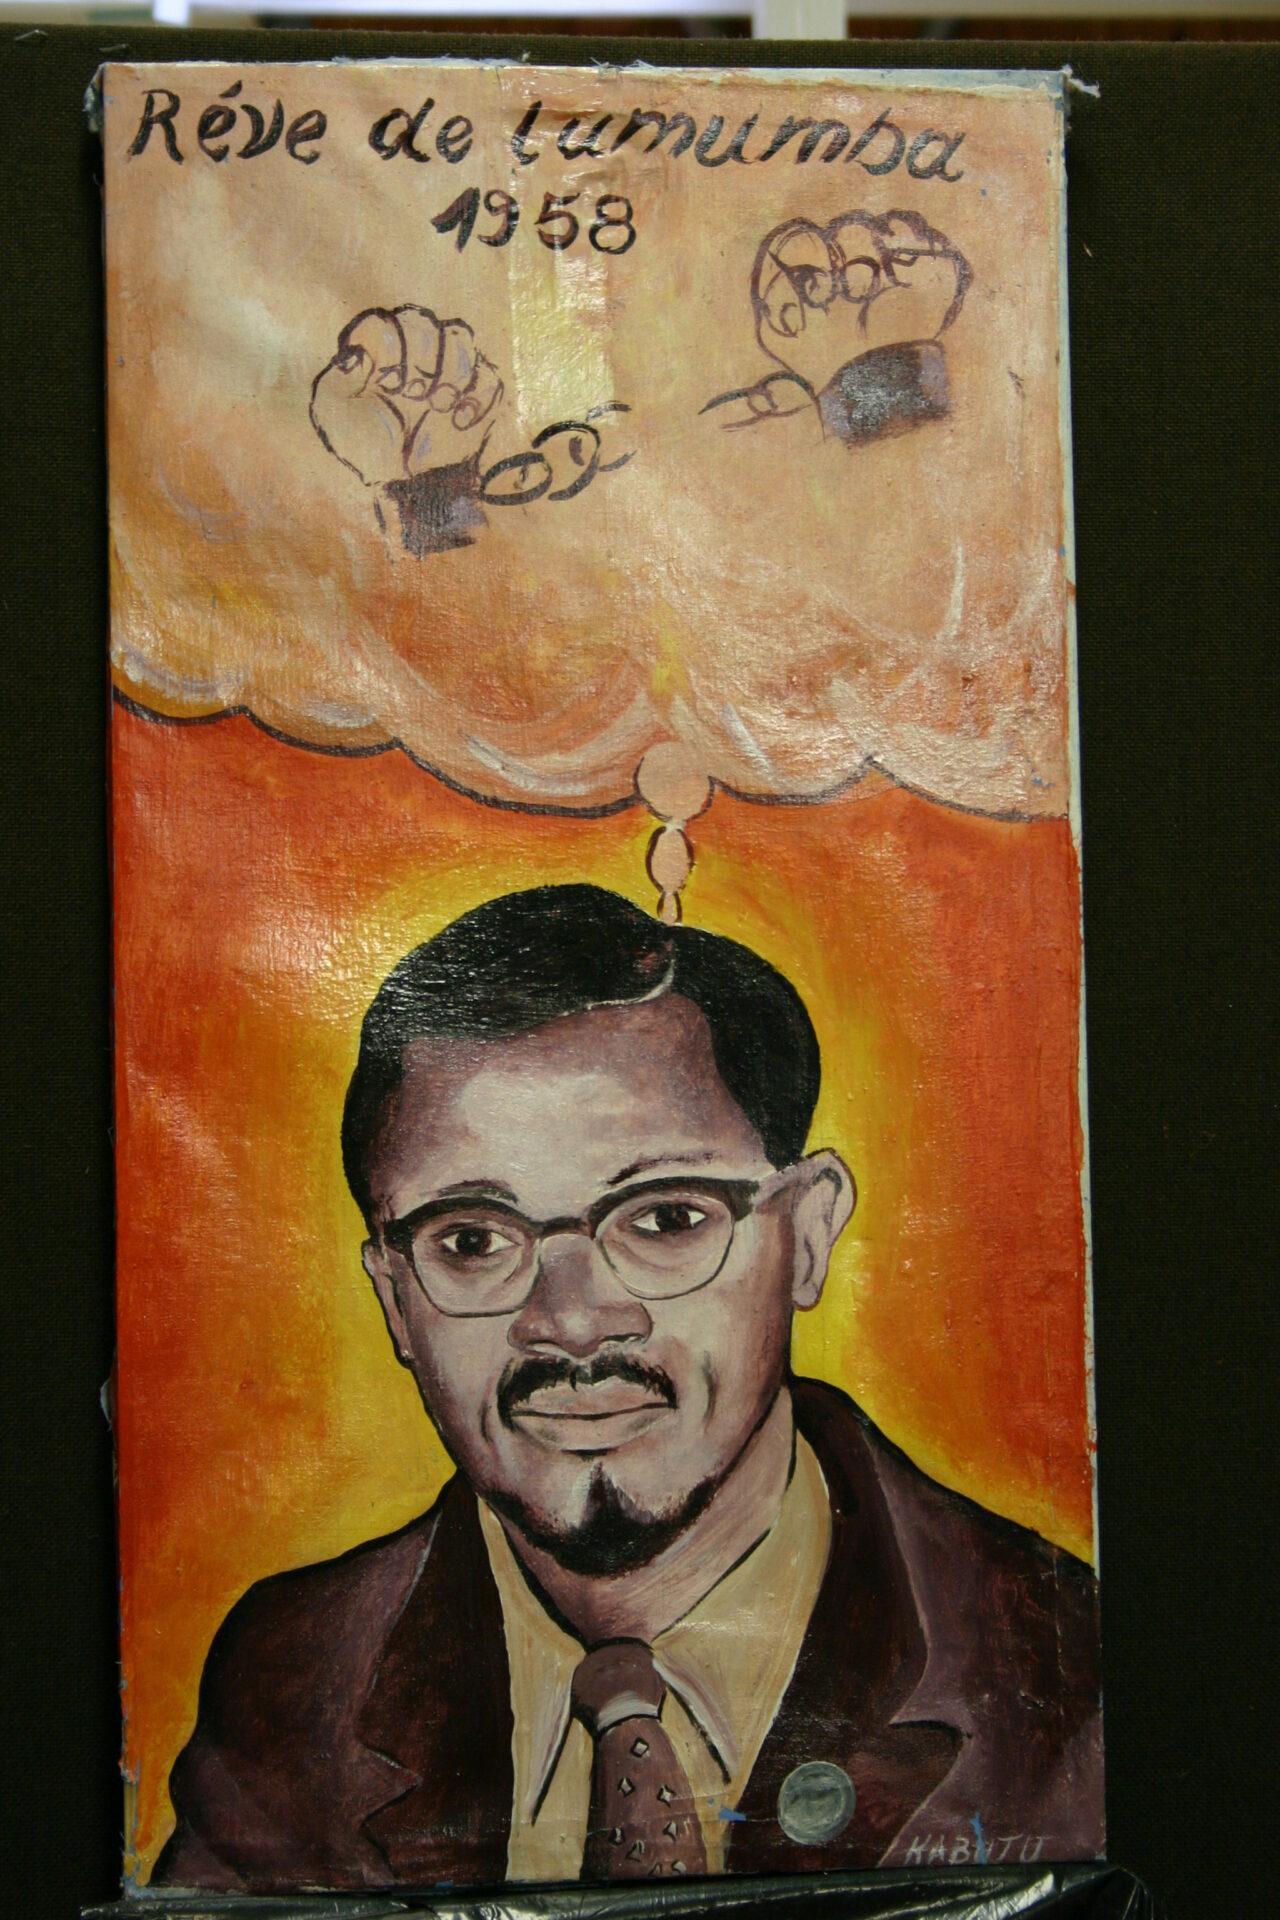 Tshibumba Kanda Matulu, Lubumbashi 1974, Historyczna smierc Lumumby Mpolo i Okito, 17 stycznia 1961 roku, dawna kolekcja B. Jewsiewickiego, obecnie w zbiorach Museum for African Art, New York.